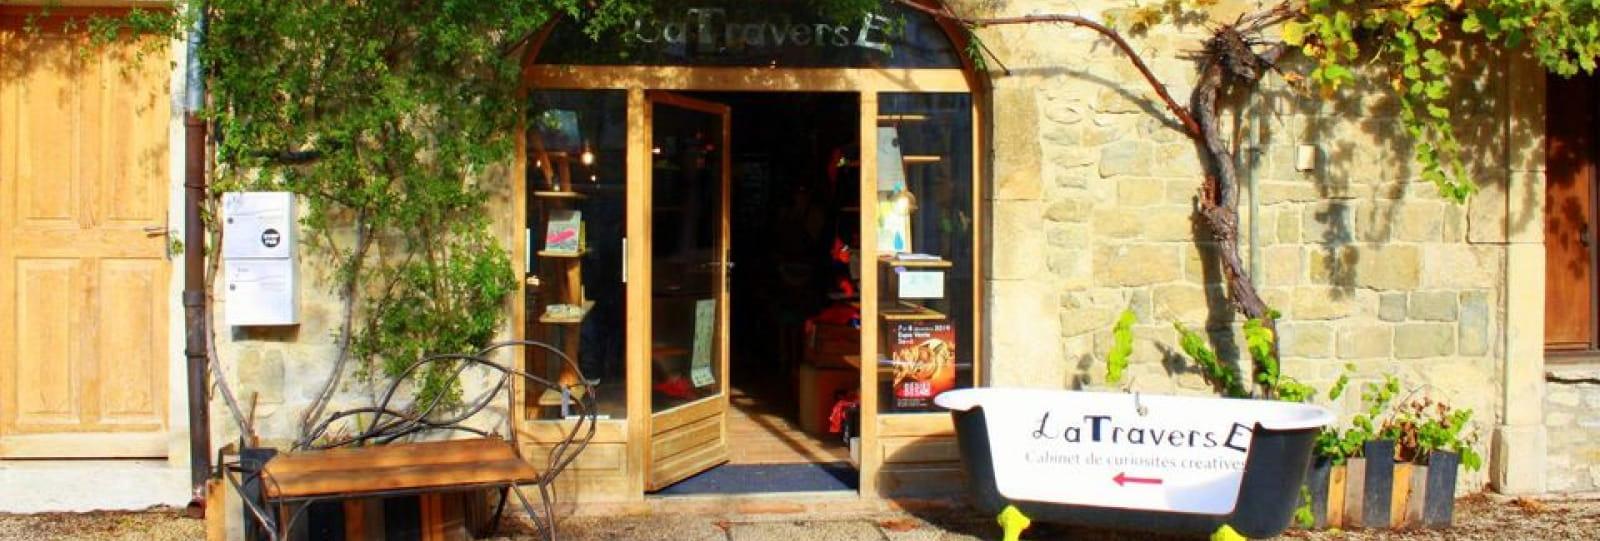 LaTraverse - Cabinet de Curiosités Créatives